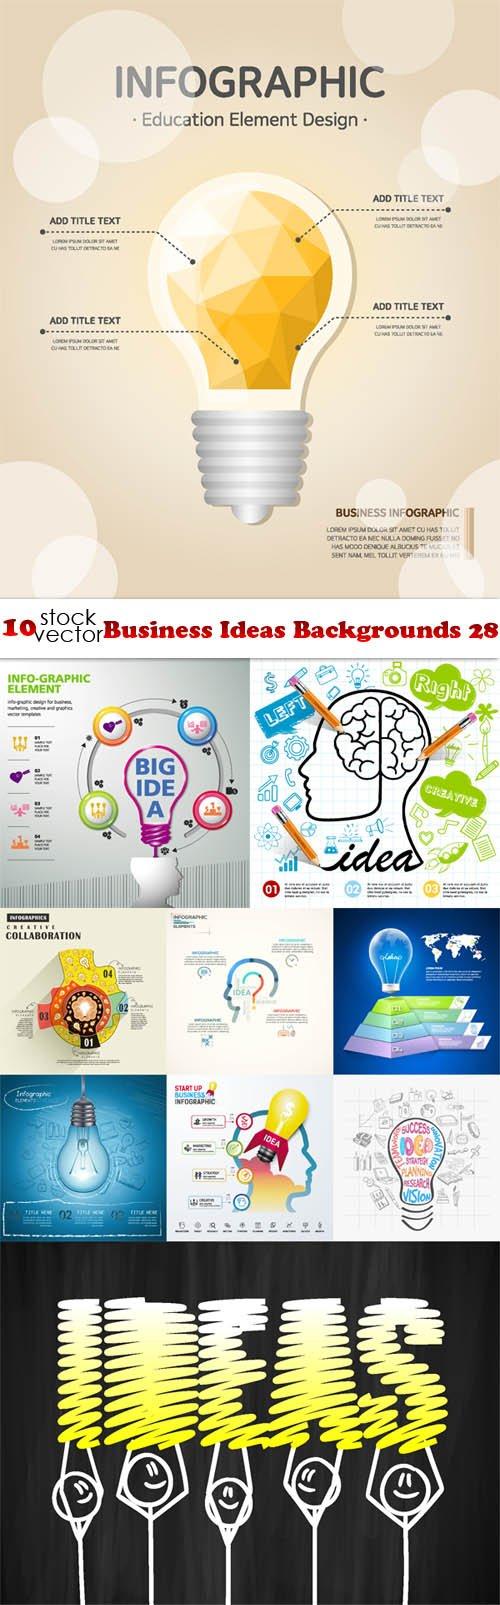 Vectors - Business Ideas Backgrounds 28